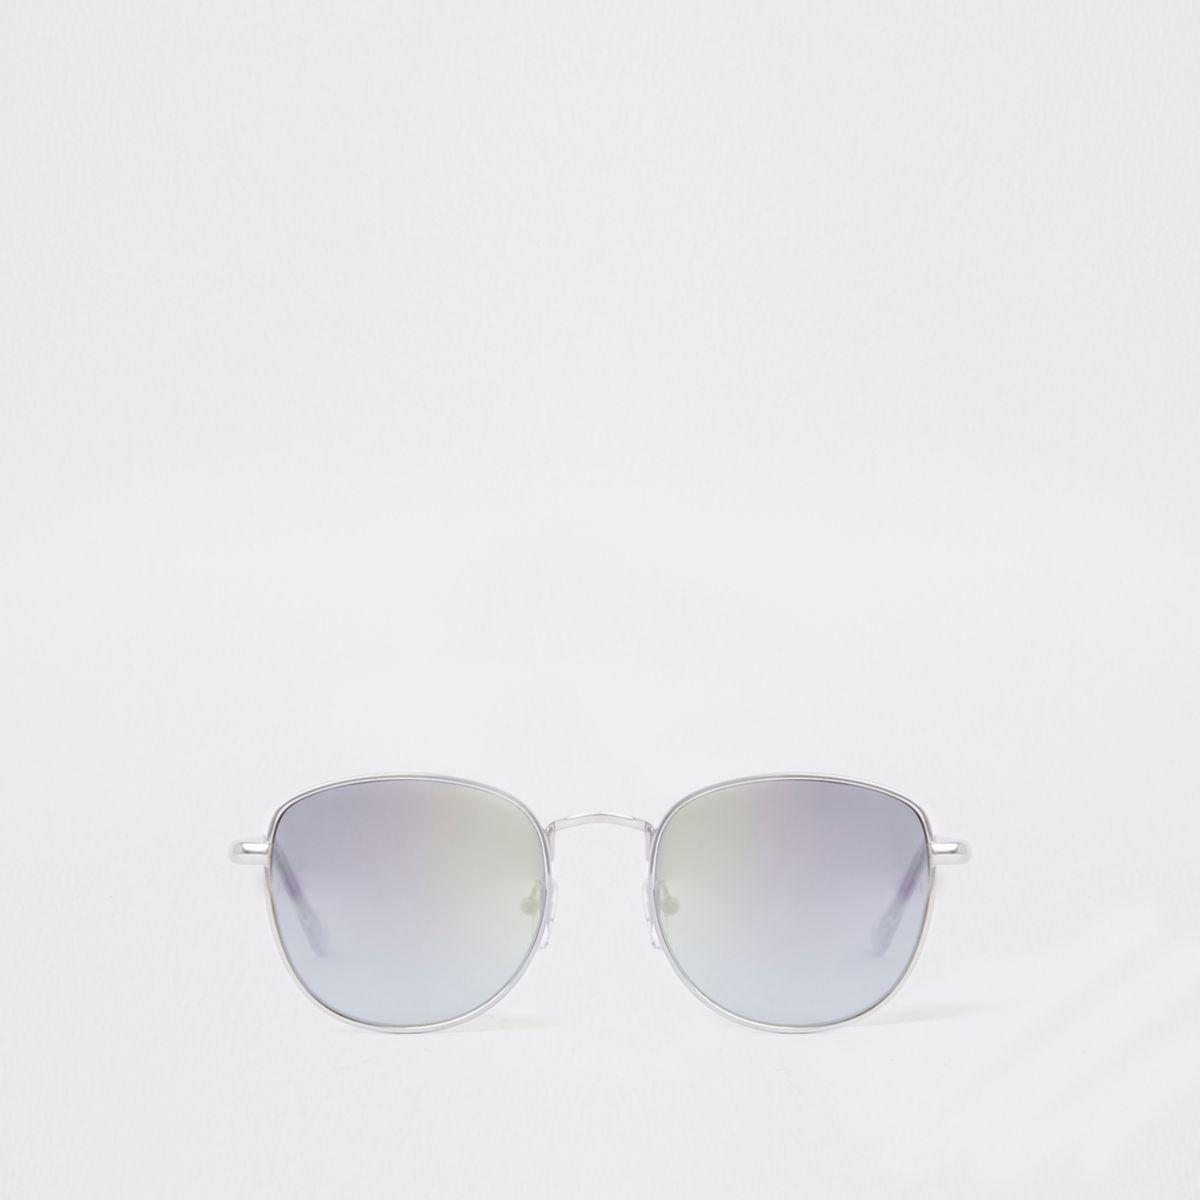 Silver tone revo lens round sunglasses